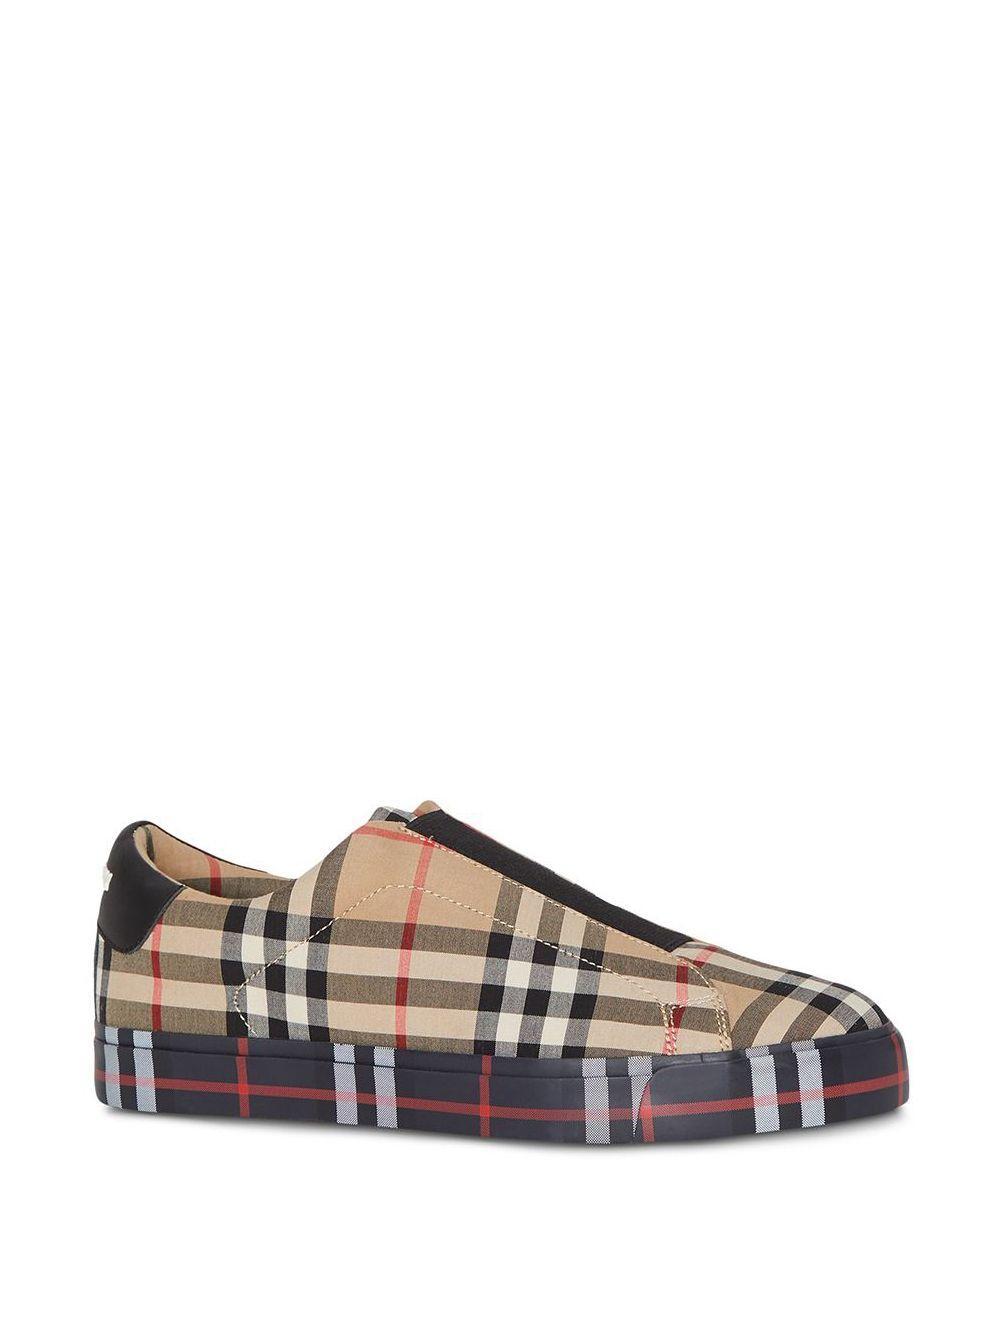 Zapatillas slip-on de cuero con diseño a cuadros Burberry